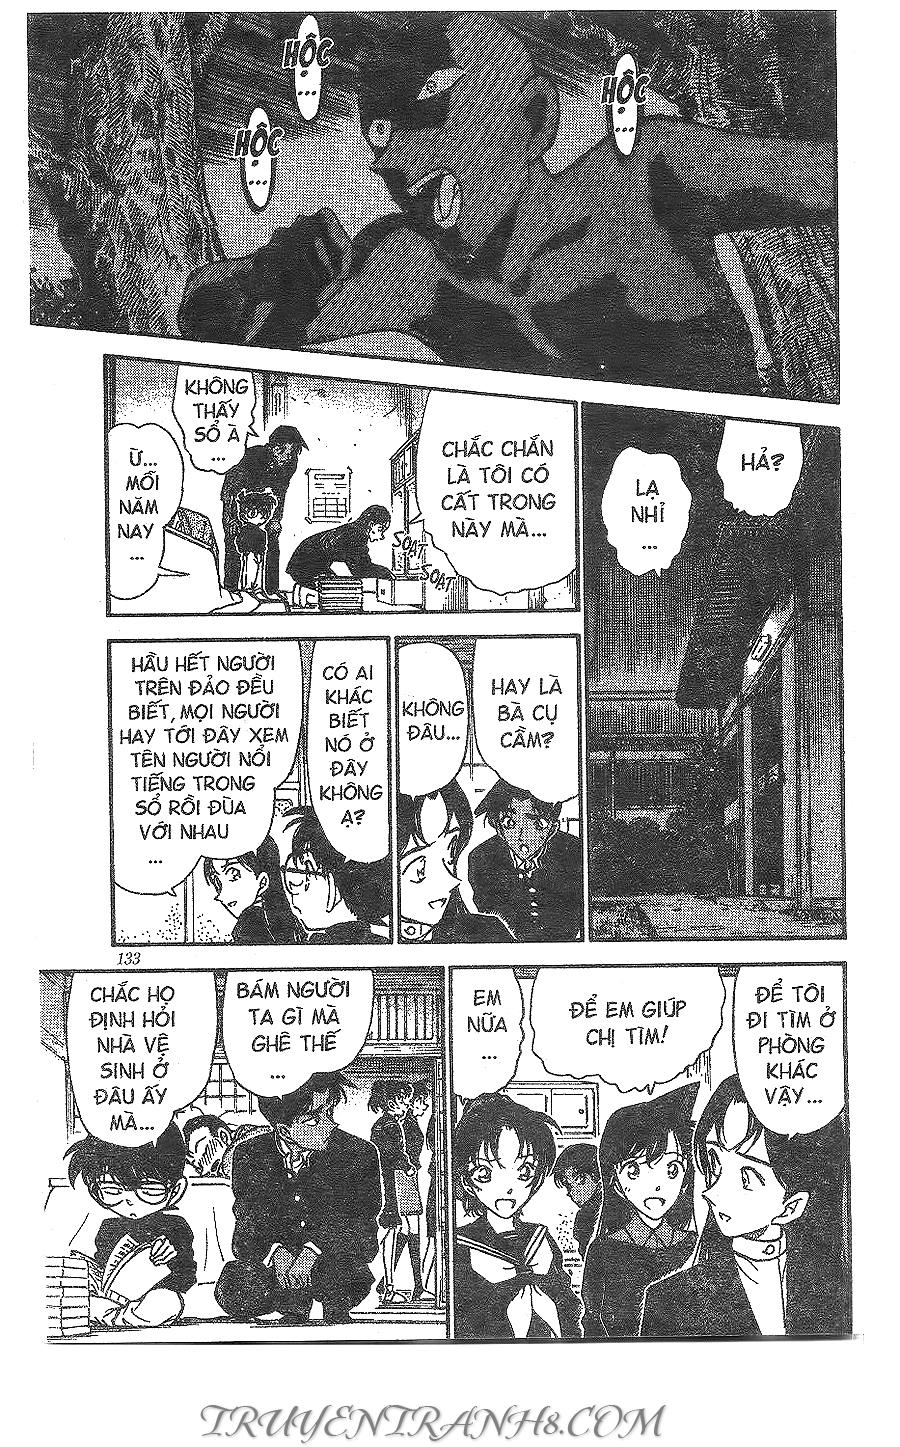 xem truyen moi - Conan Chap 281